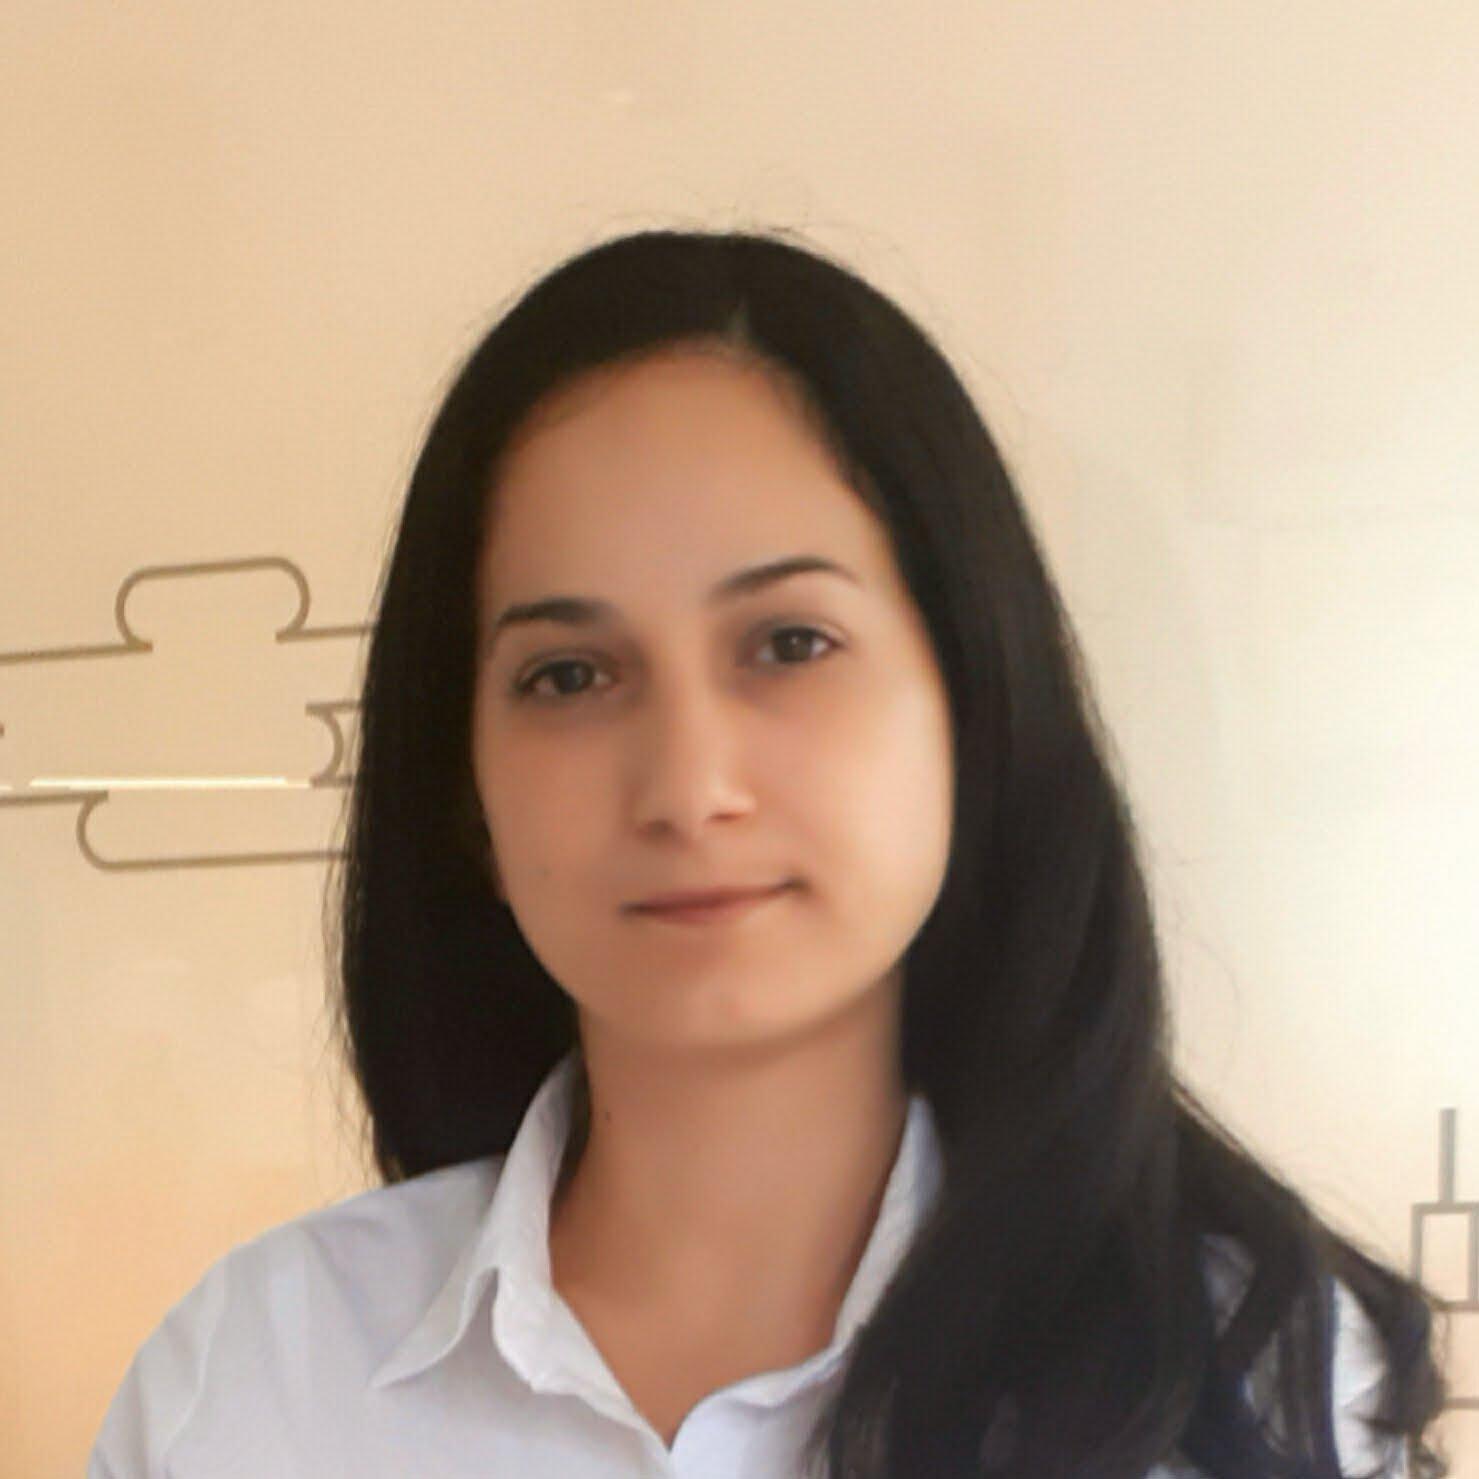 The speaker Oana Ducuta's profile image